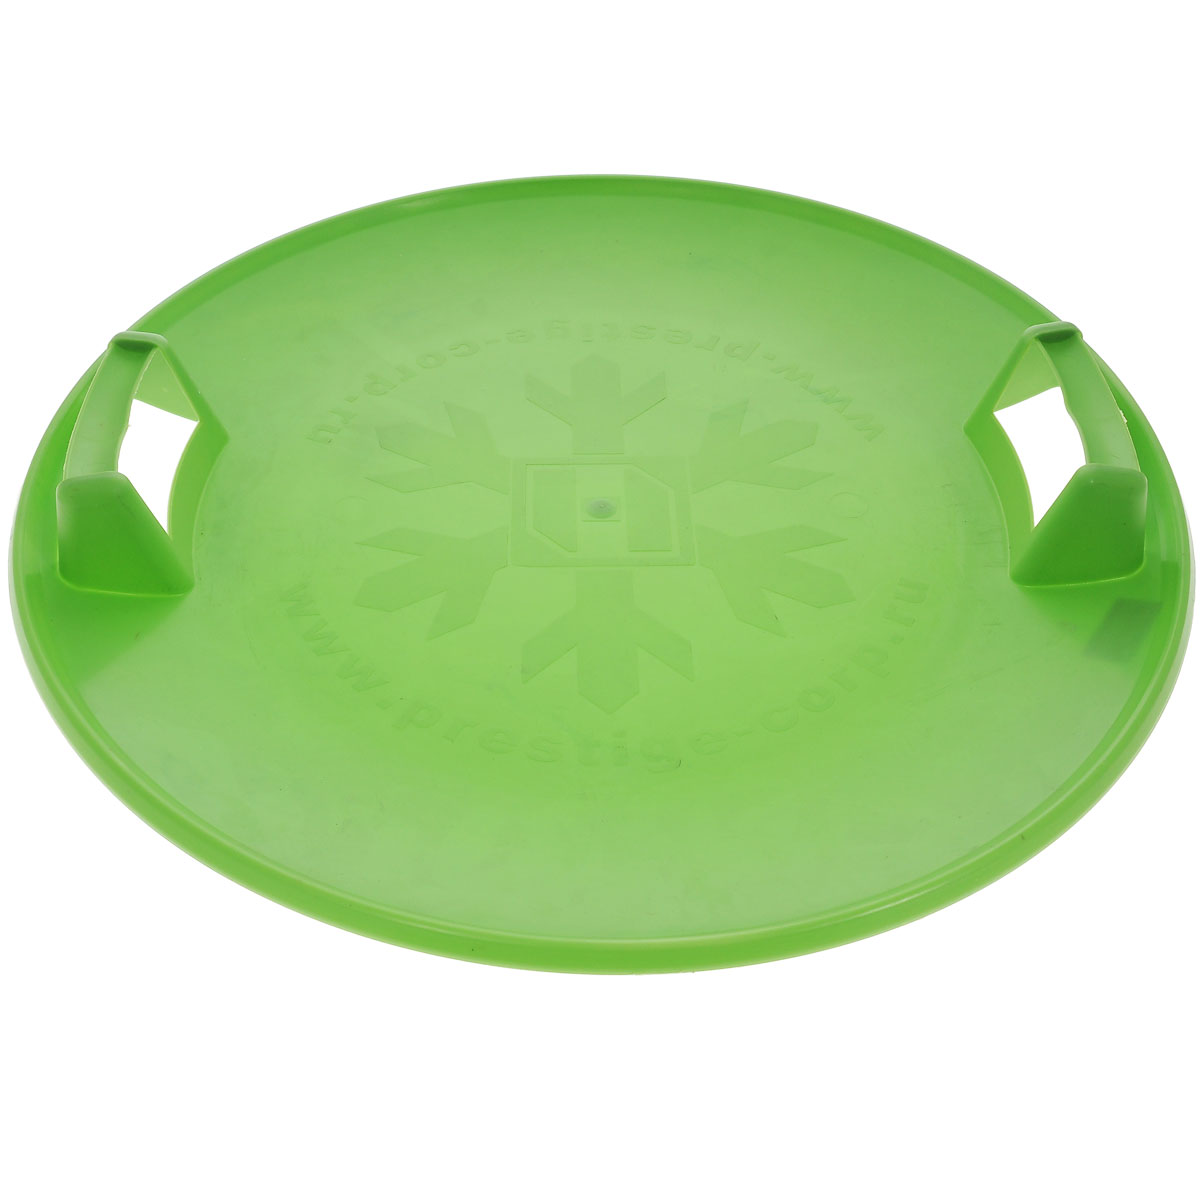 Санки-ледянки Престиж Экстрим, с пластиковыми ручками, цвет: зеленый, диаметр 58 см267111Санки-ледянки Престиж Экстрим подарят море позитивного настроения холодной зимой, ведь на них так весело съезжать с крутых ледяных склонов! Легкие, прочные санки из морозостойкого пластика прослужат долго. Санки имеют две пластиковые ручки для удобства катания и ношения. Дно санок украшено рельефным изображением снежинки. Диаметр санок: 58 см.